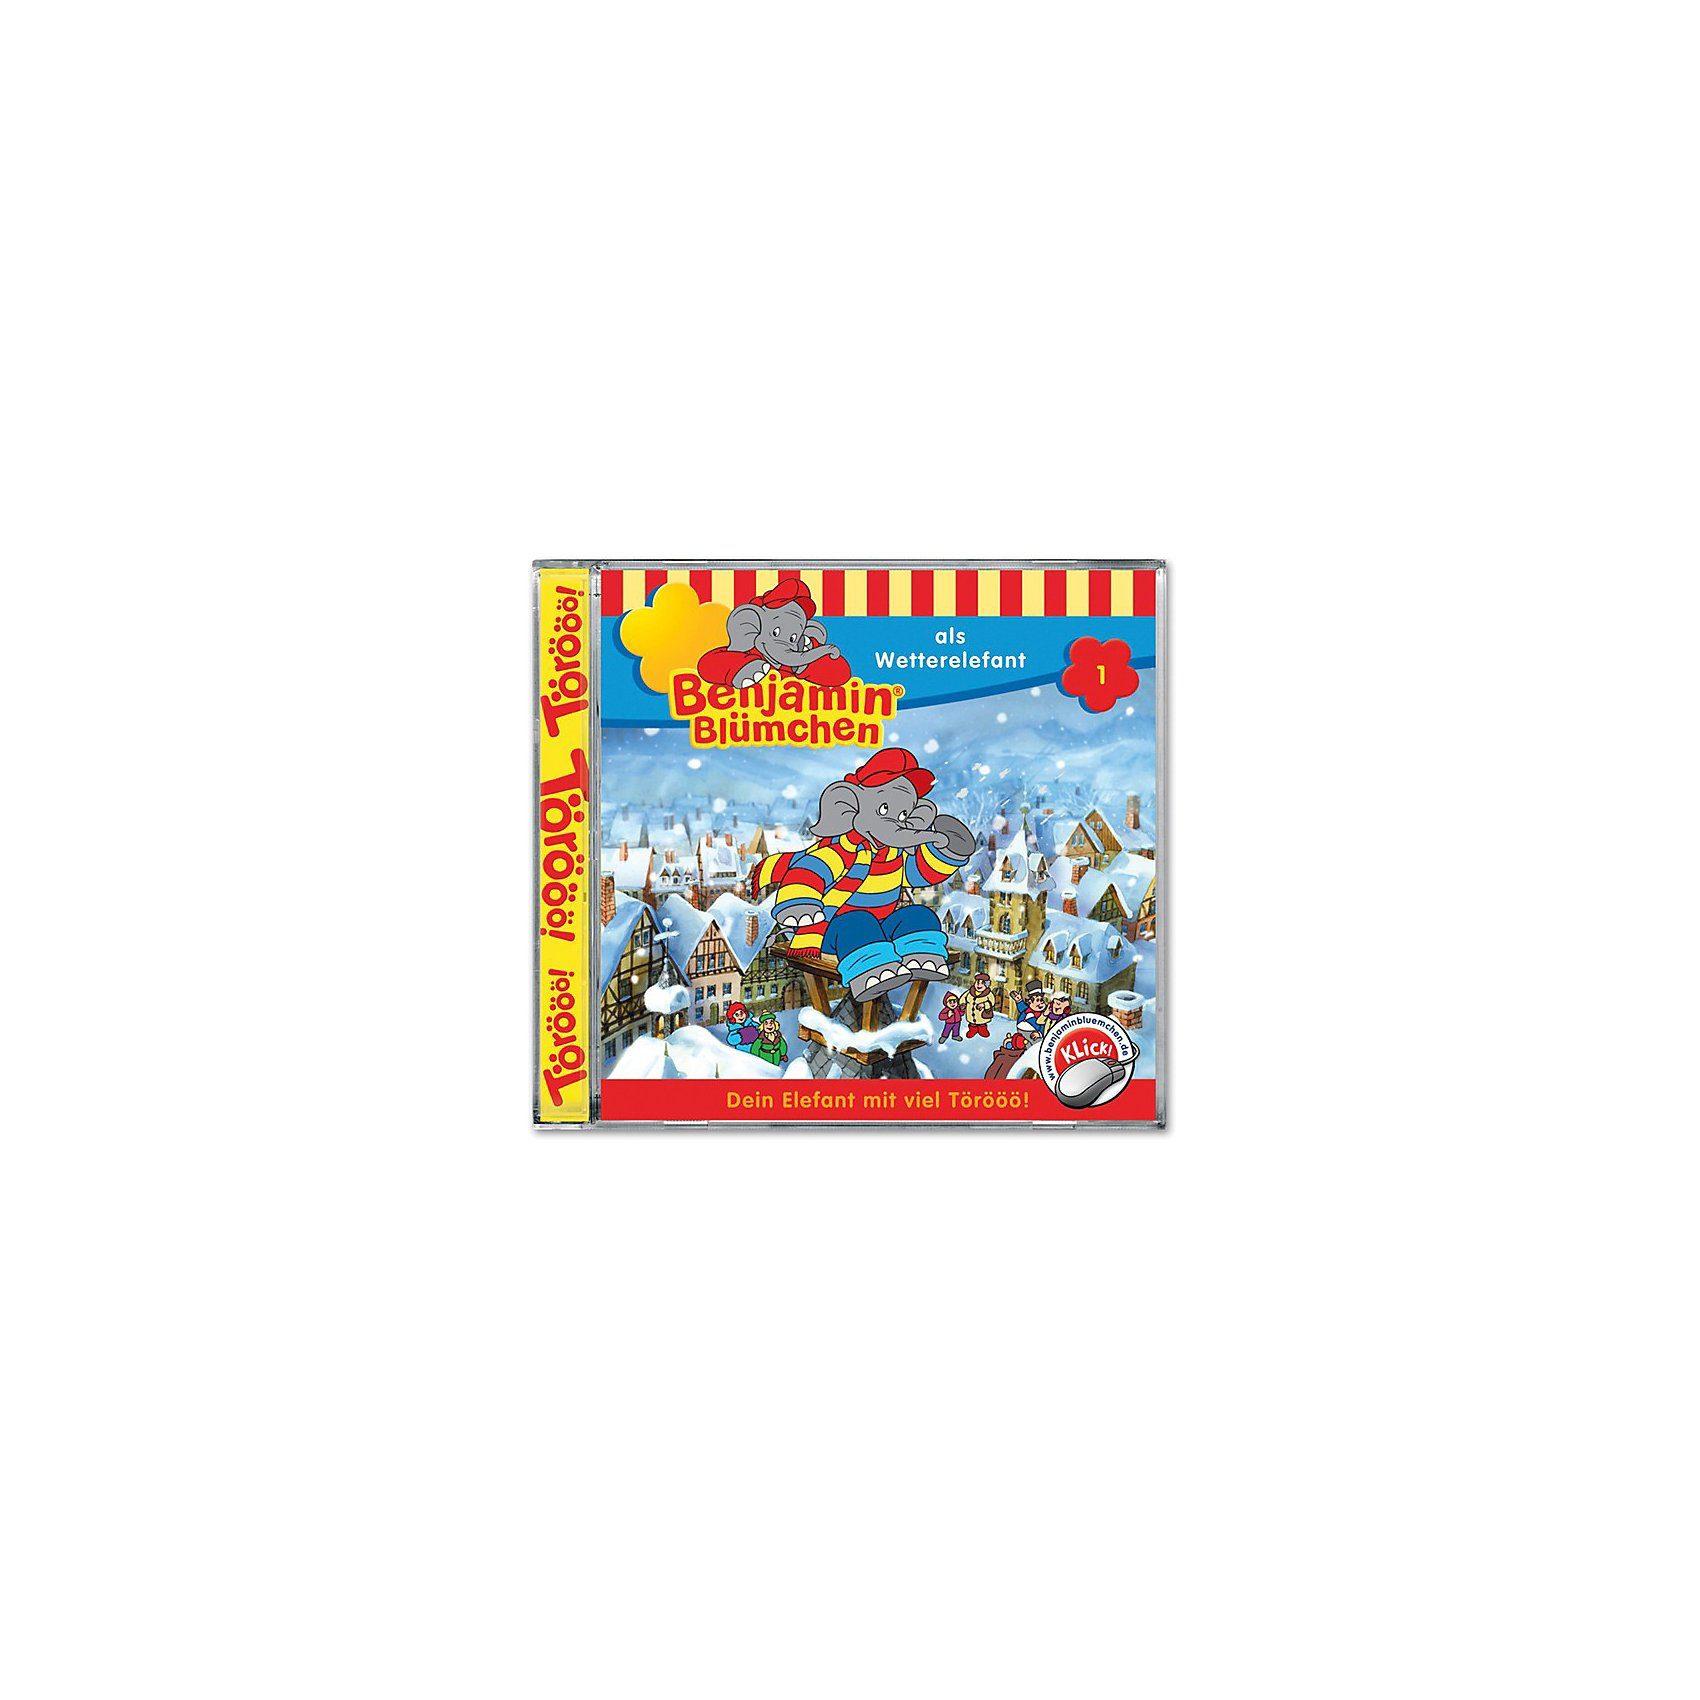 Kiddinx CD Benjamin Blümchen 01 - Wetterelefant